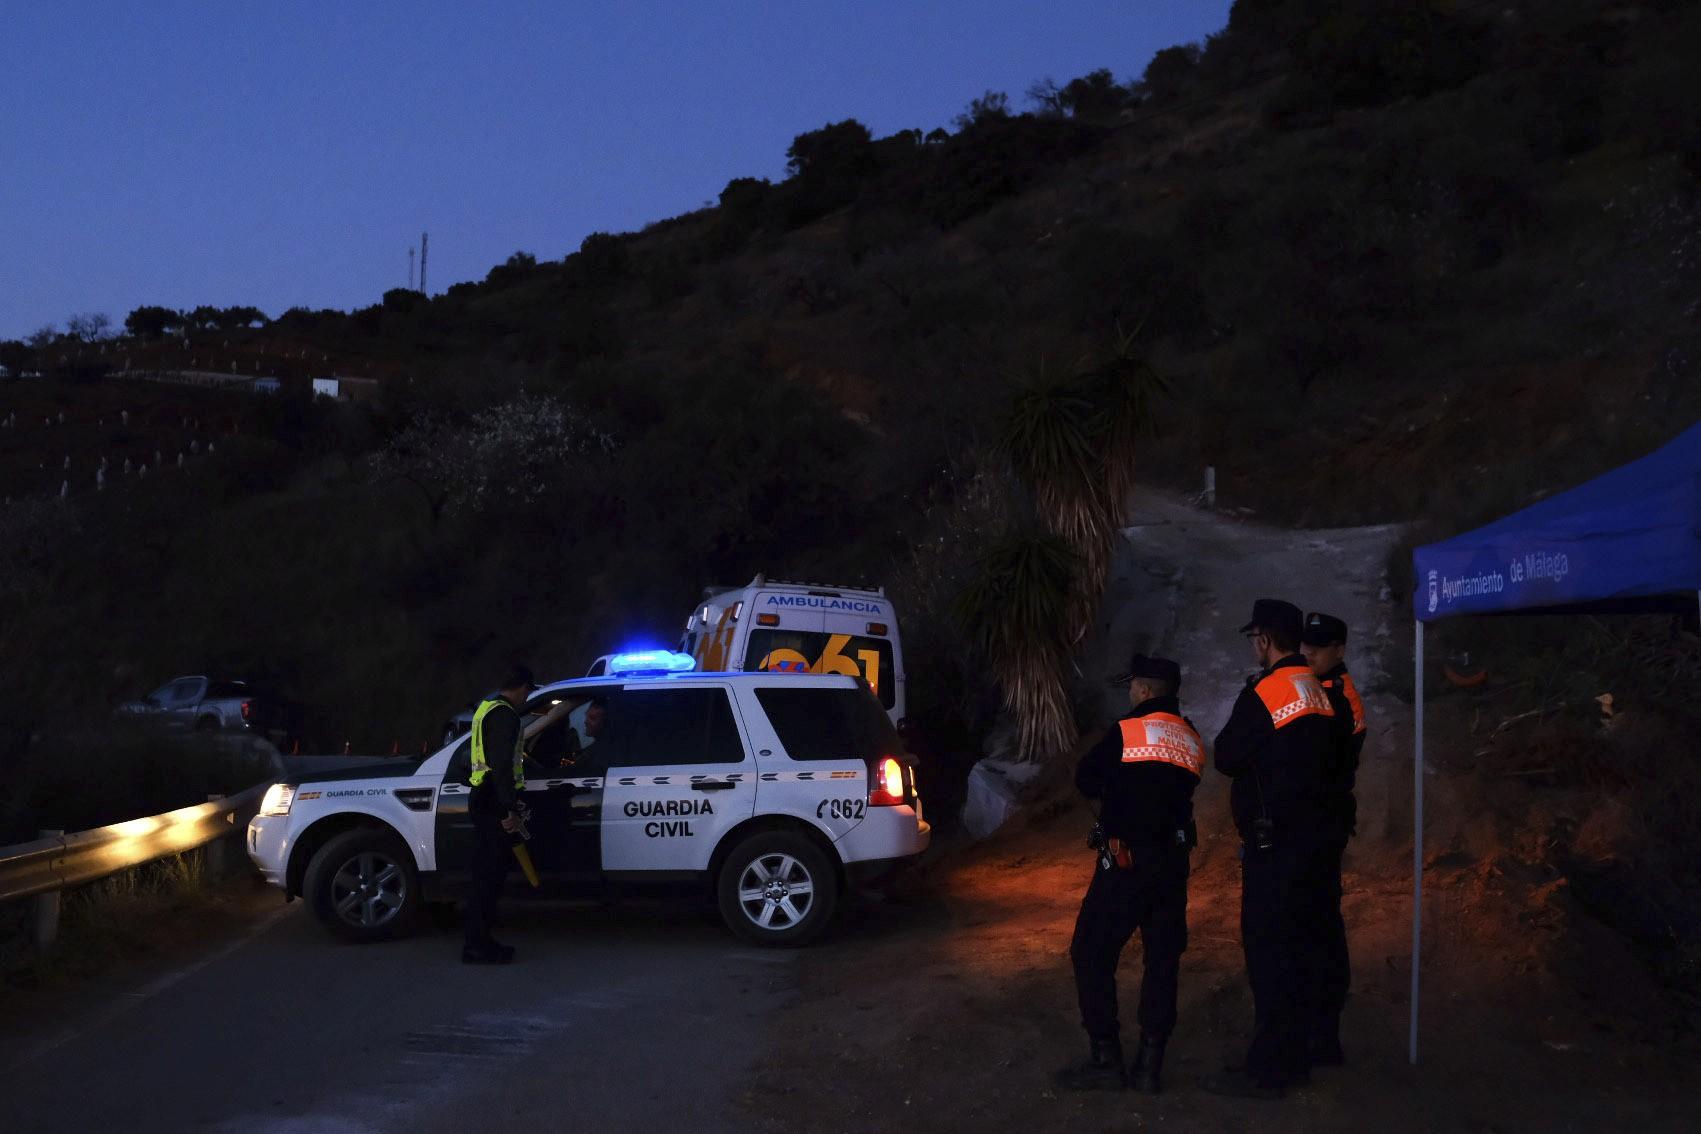 Bombeiros cavam túnel para tentar resgatar menino preso em poço na Espanha